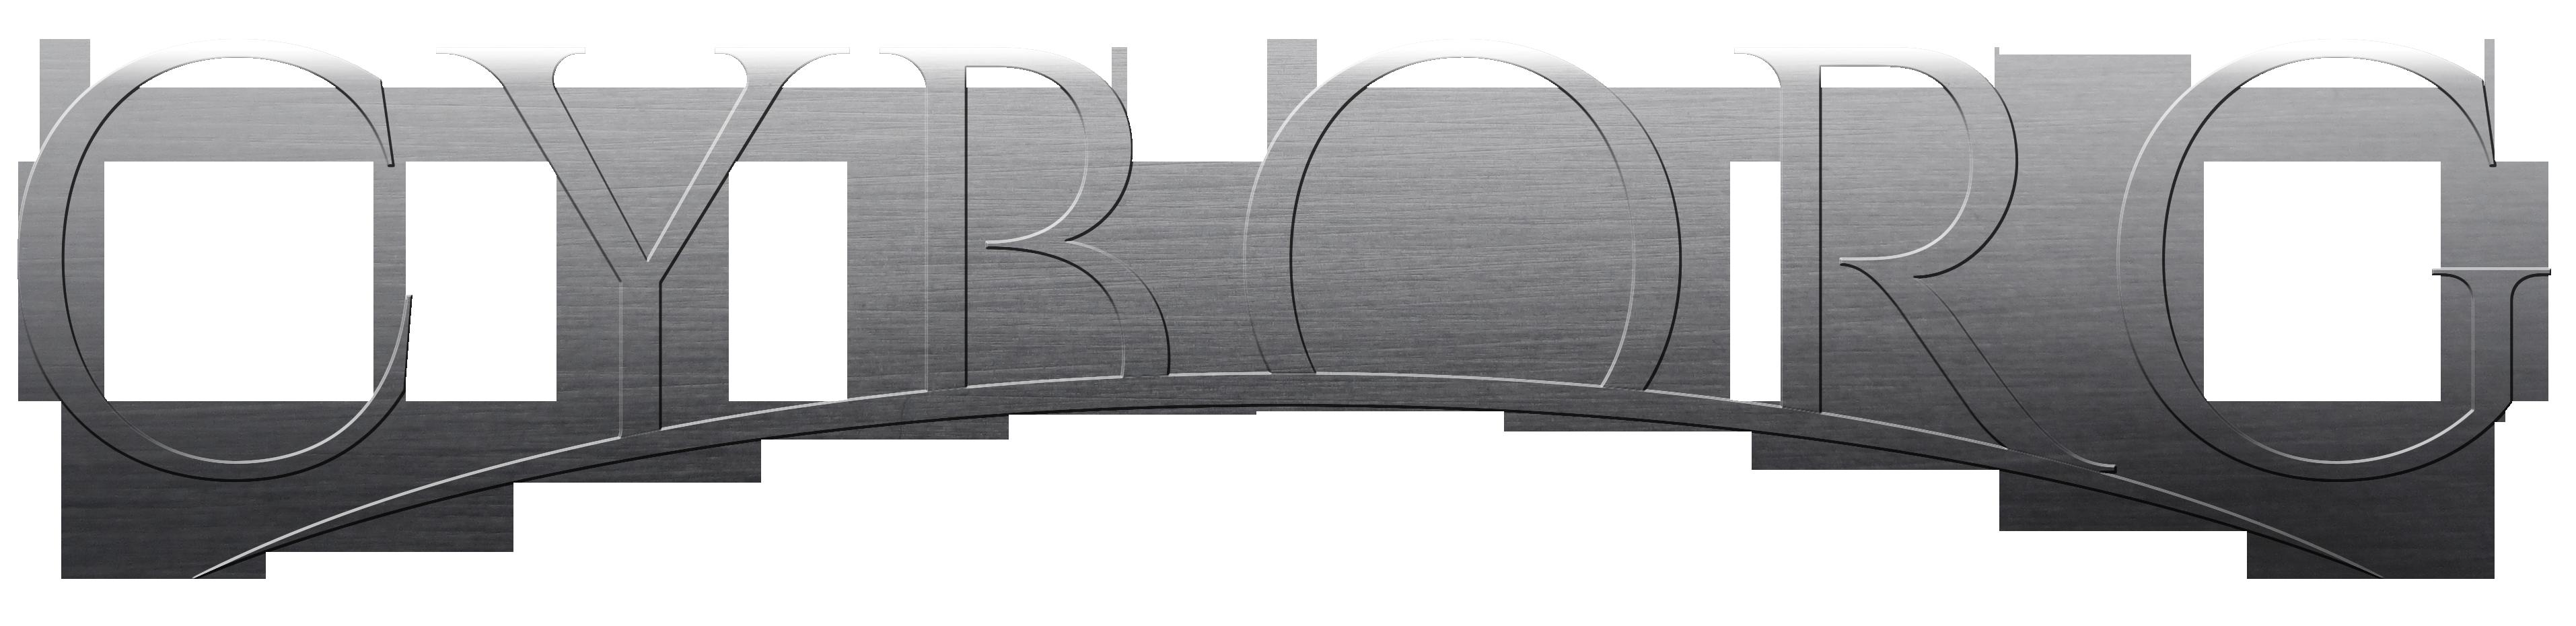 Cyborg Logo Straigt Cut